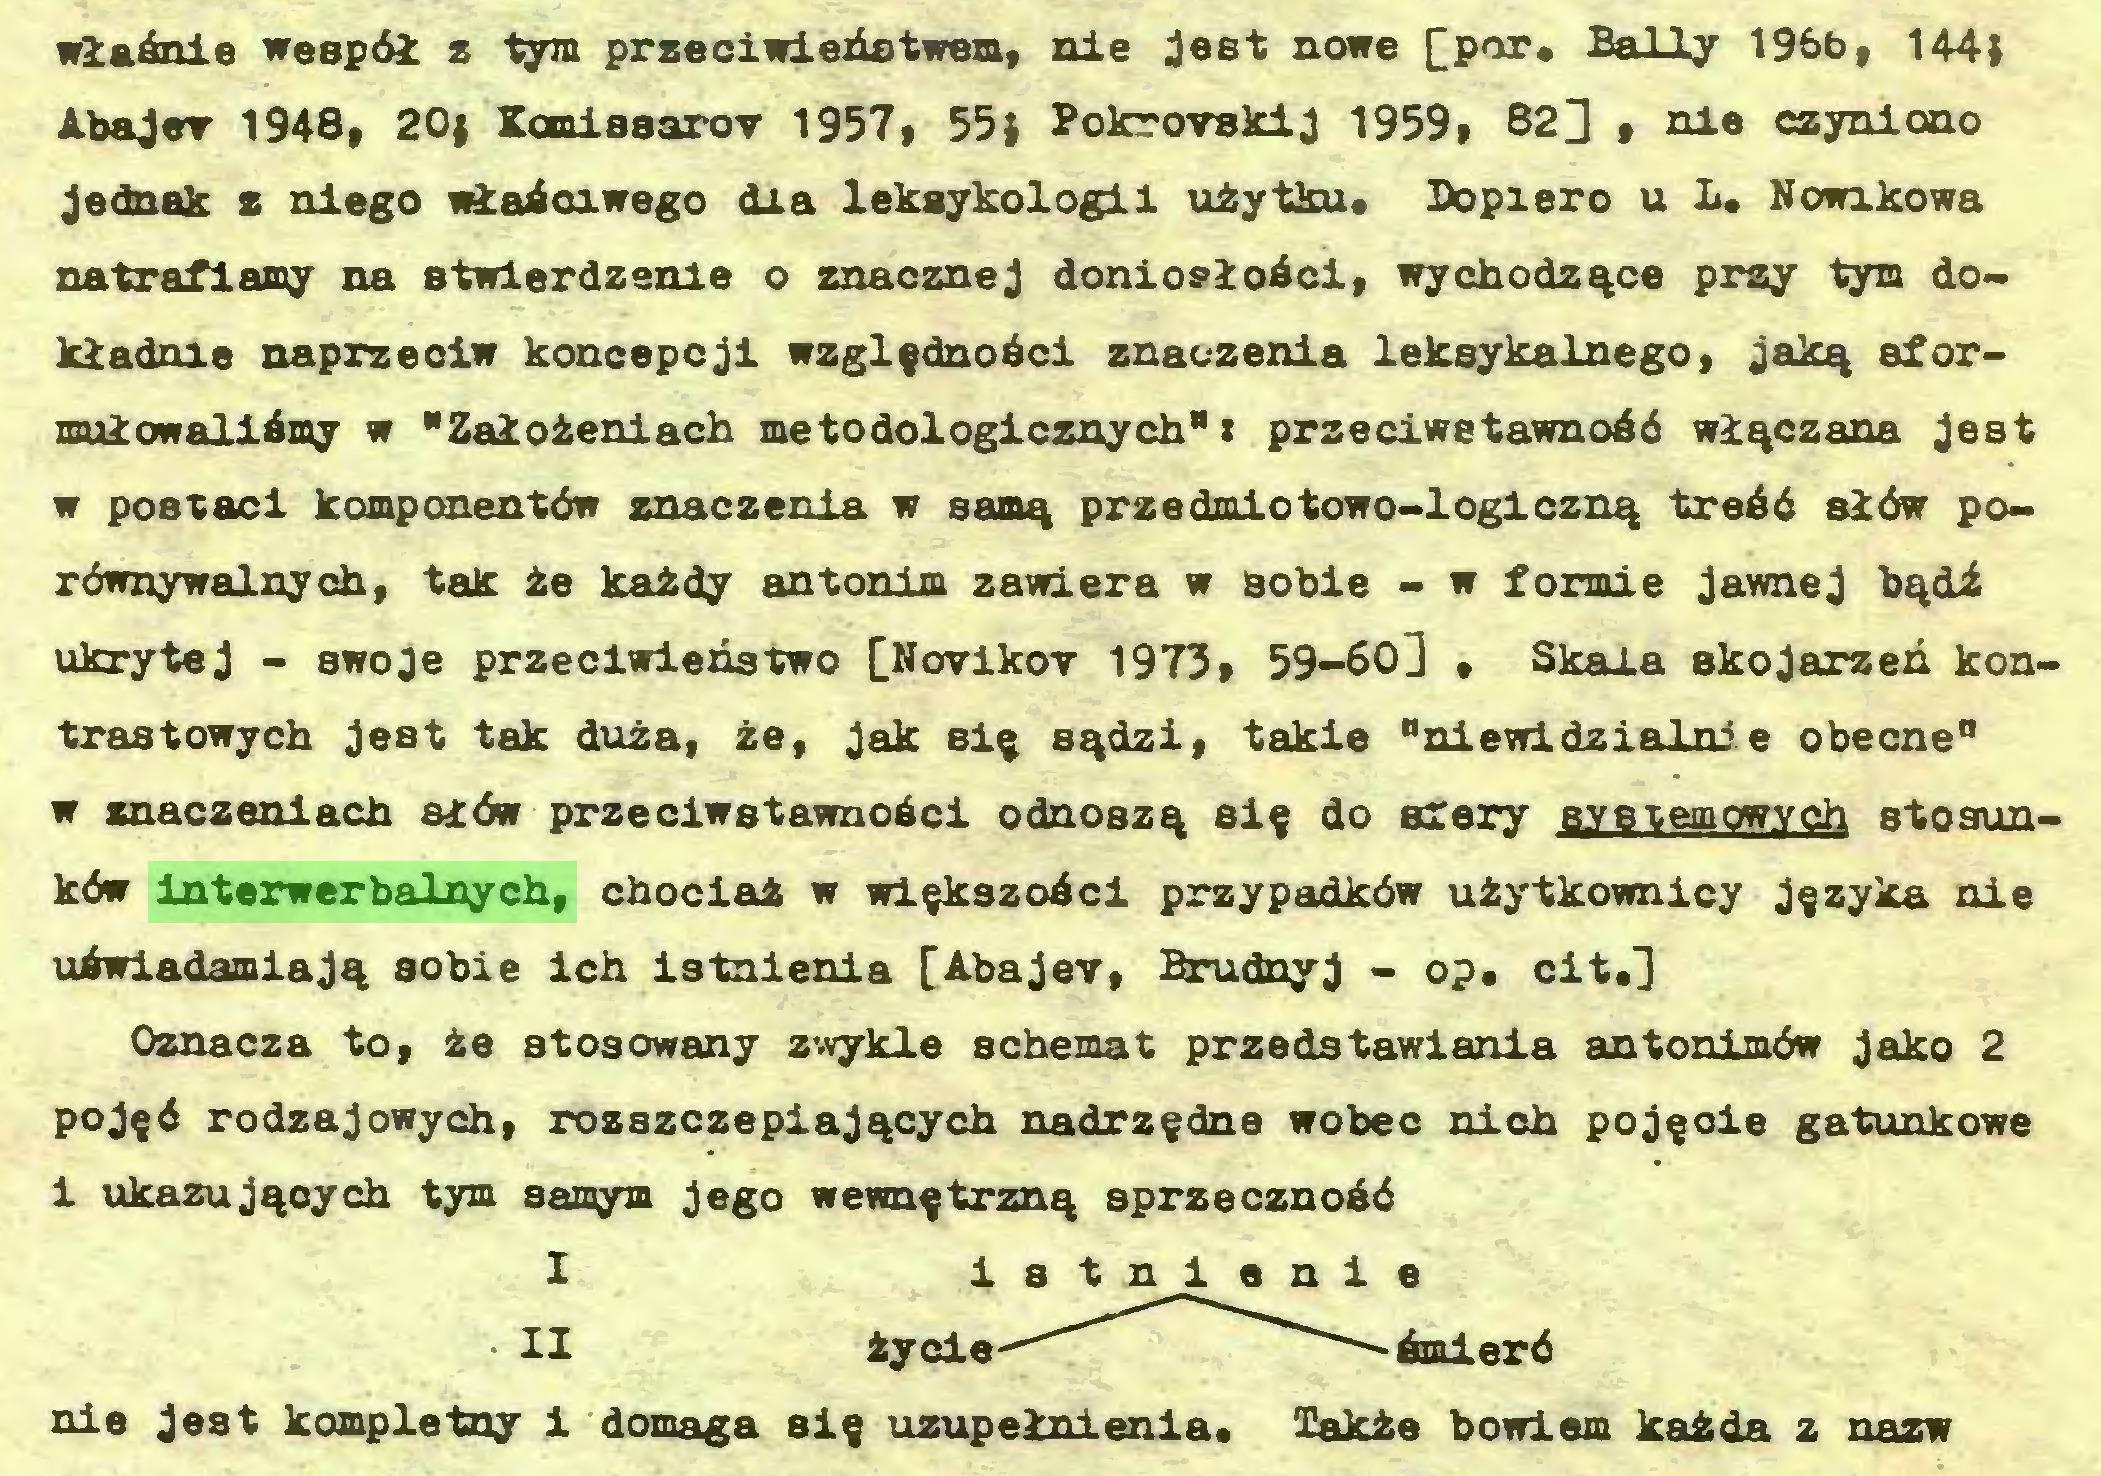 """(...) wlaAnie weapöi z tym przeciwiehstwem, nie jest nowe [por. Sally 196b, 144) Abajer 1948, 20) Kanisaarov 1957, 55) Pokrorskij 1959, 823 , 1116 czynioao Jednak z niego wiaAciwego dia lekaykologii uiytkue Dopiero u L* Nowxkowa natraflamy na stwlerdzenie o znacznej donioploAci, wychodz%ce prsy tym dokladoie naprzeciw koncepcji wzglfdnoAci znaozenia leksykainego» jakq eformuiowaliAmy w """"Zalofceniach metodologicznych"""": przeciwetawnoAö wl^czana jest w postaci komponentöw znaczenla w sam^ przedmiotowo-loglczn^ treAd säöw porownywalnych, tak Ae kaAdy antonixa zawiera w sobie - w formie jawnej bqdi ukrytej - swoje przeoiwienatwo [Novikor 1973, 59-60] * Skala akojarzeh kontraBtowych jest tak duza, ze, jak si$ s^dzi, takie """"niewidzialni e obecne"""" w znaczeniach siöw przeciwstawnoAci odnosz^ si$ do atery Bvstemowvch stosunkdw interwerbalnych, chociat w wi^kszoAci przypadköw uiytkownioy j§zyka nie uAwiadamiaj^ sobie ich istnienia [Abajev, Brudnyj - op« cit.] Oznacza to, ze stosowany z-vykle schemat przedstawiania antonimöw jako 2 poj$d rodzajowych, rozszczepiaj^cych nadrz^dne wobec nioh poj^oie gatunkowe i ukazuj^eych tym samym jego wewn^trzn^ sprzecznoAd I istnienie • II Aycie-""""''""""""""*^"""""""" -Amierd nie jest kompletny i domaga si§ uzupeinienla. Takie bowiem kaAda z nazw..."""